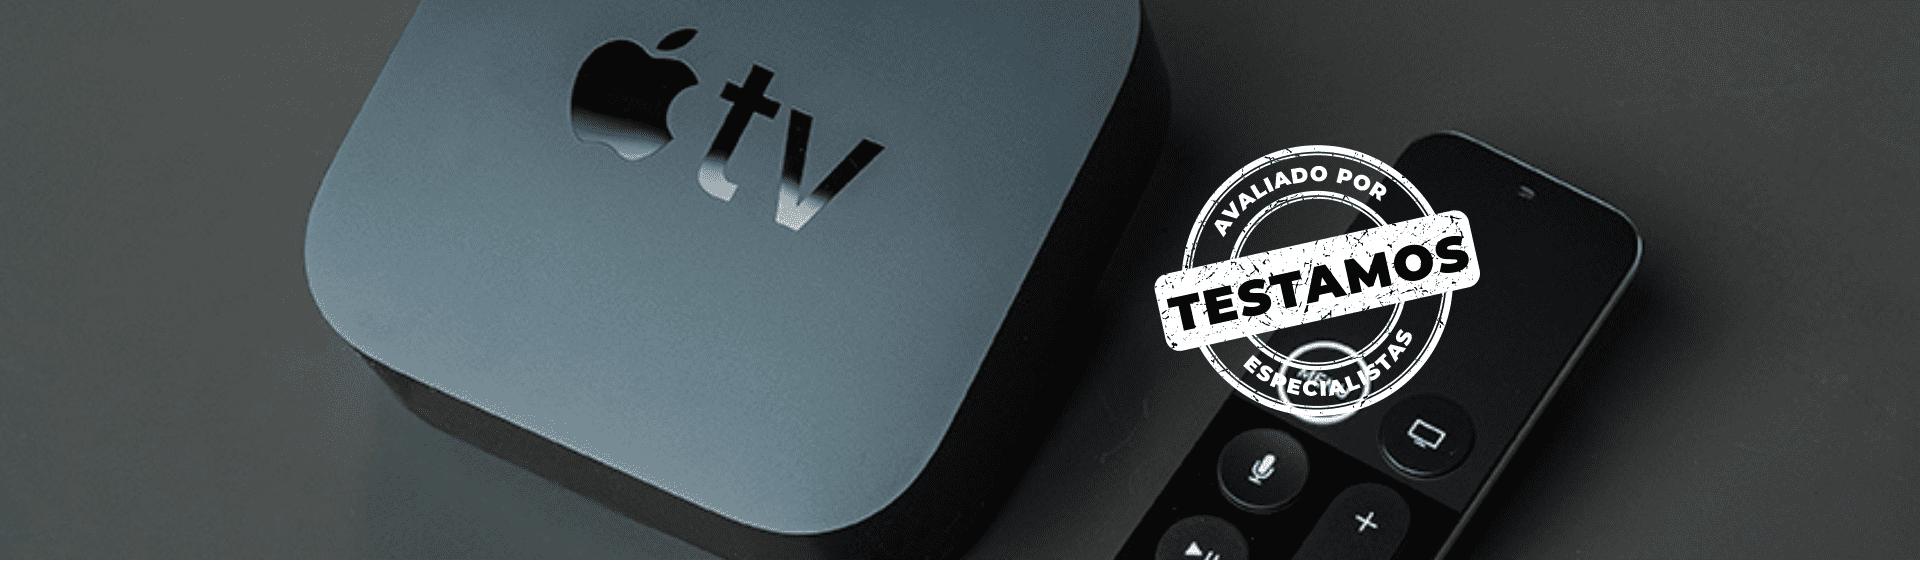 Apple TV 4K: imagem e som com qualidade de cinema